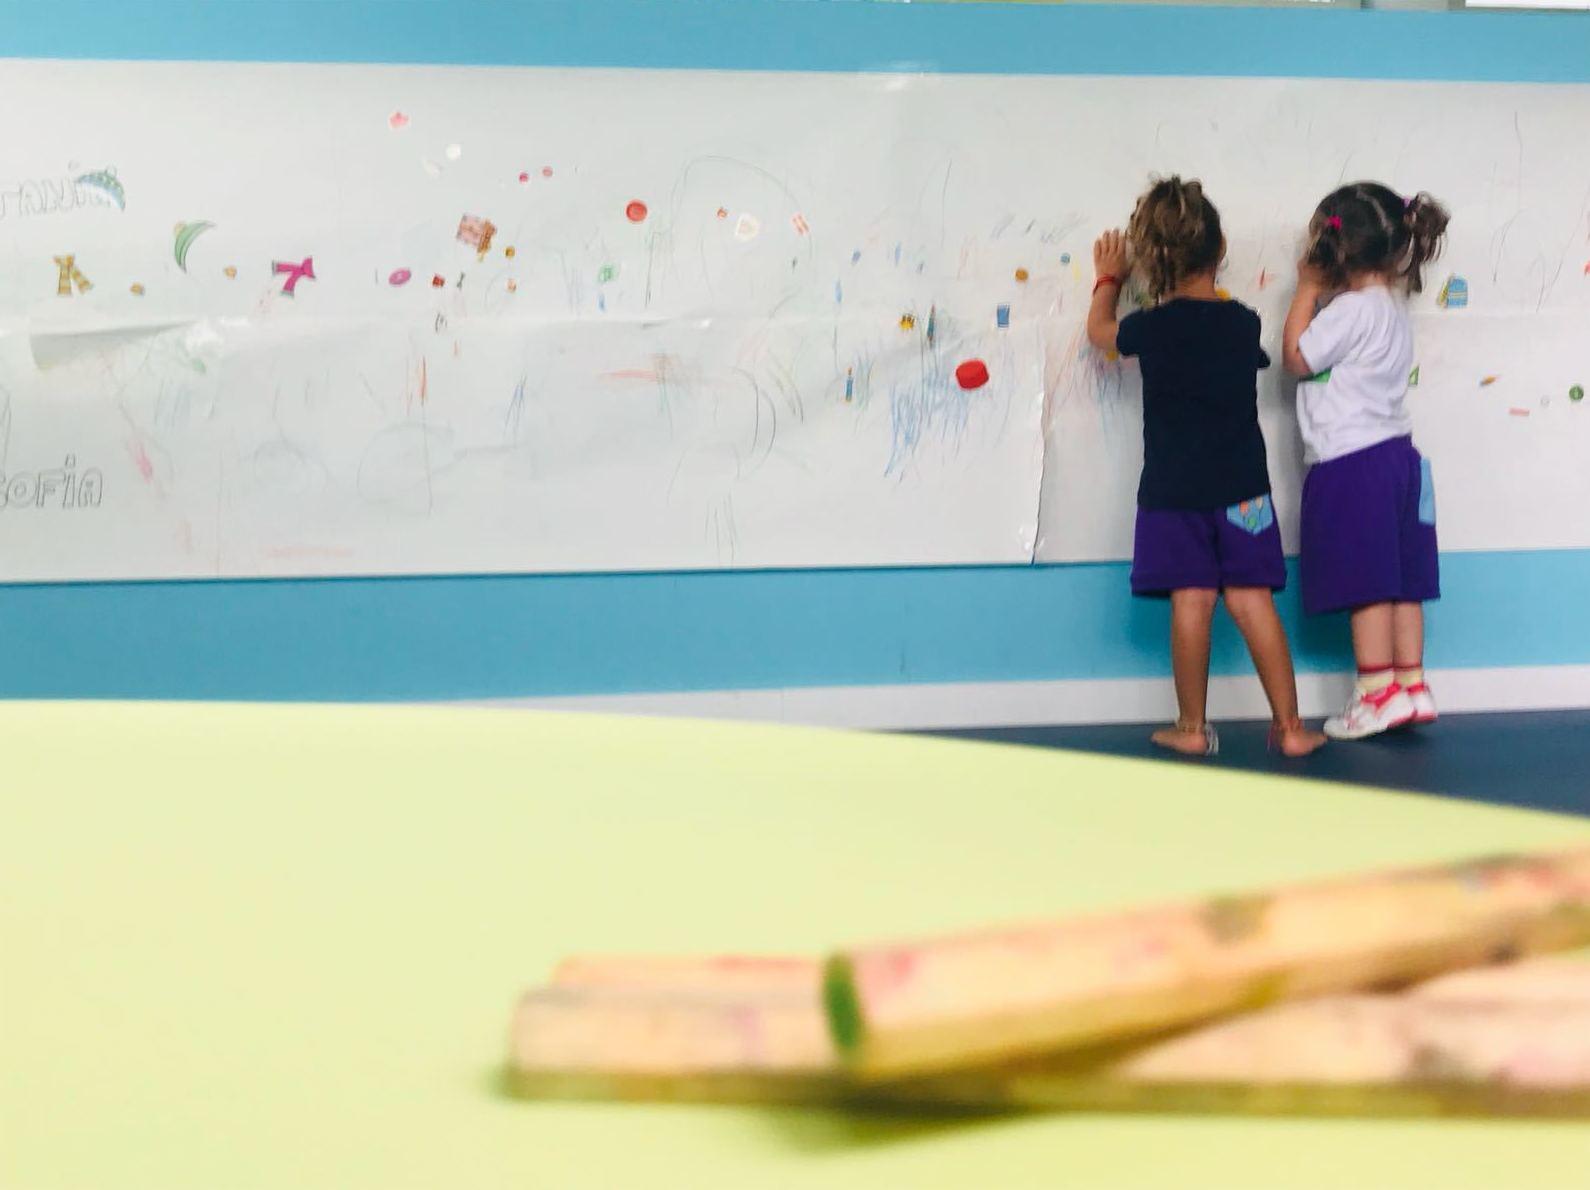 Foto 4 de Escuelas infantiles en Las Palmas de Gran Canaria | Centro Infantil Mi Mundo de Colores